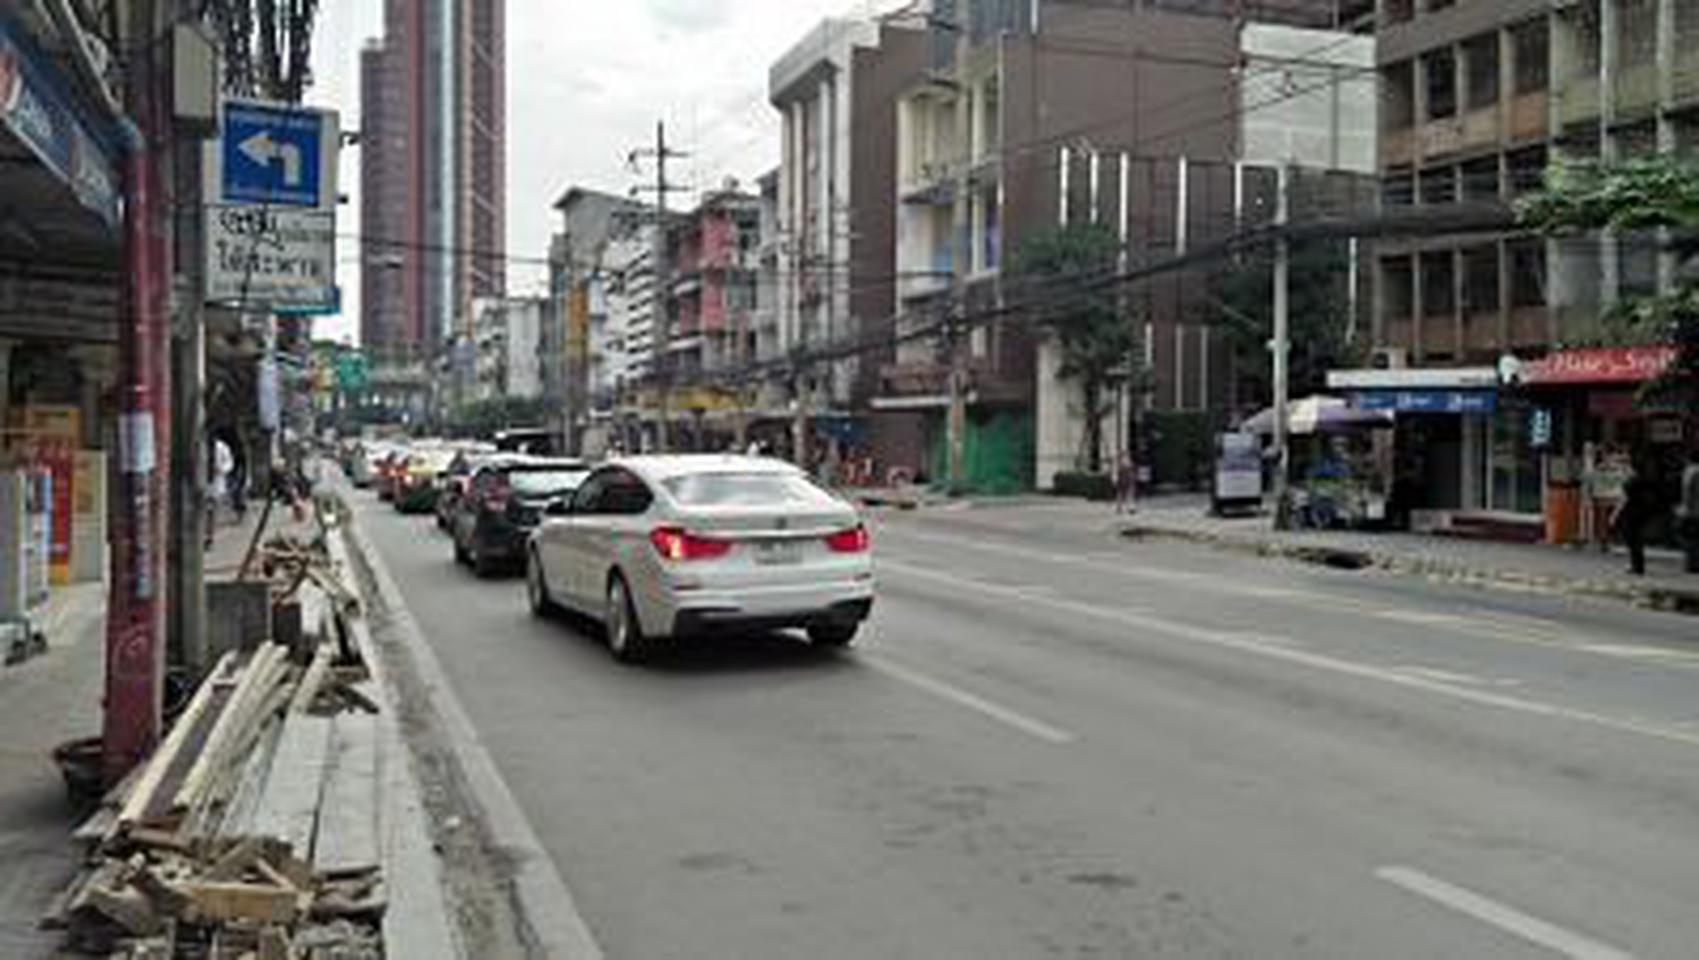 ให้เช่าที่ดิน พระโขนง แปลงเล็กๆติดถนนในซอย ช่วงสัญญา 1-6 ปี รูปที่ 5